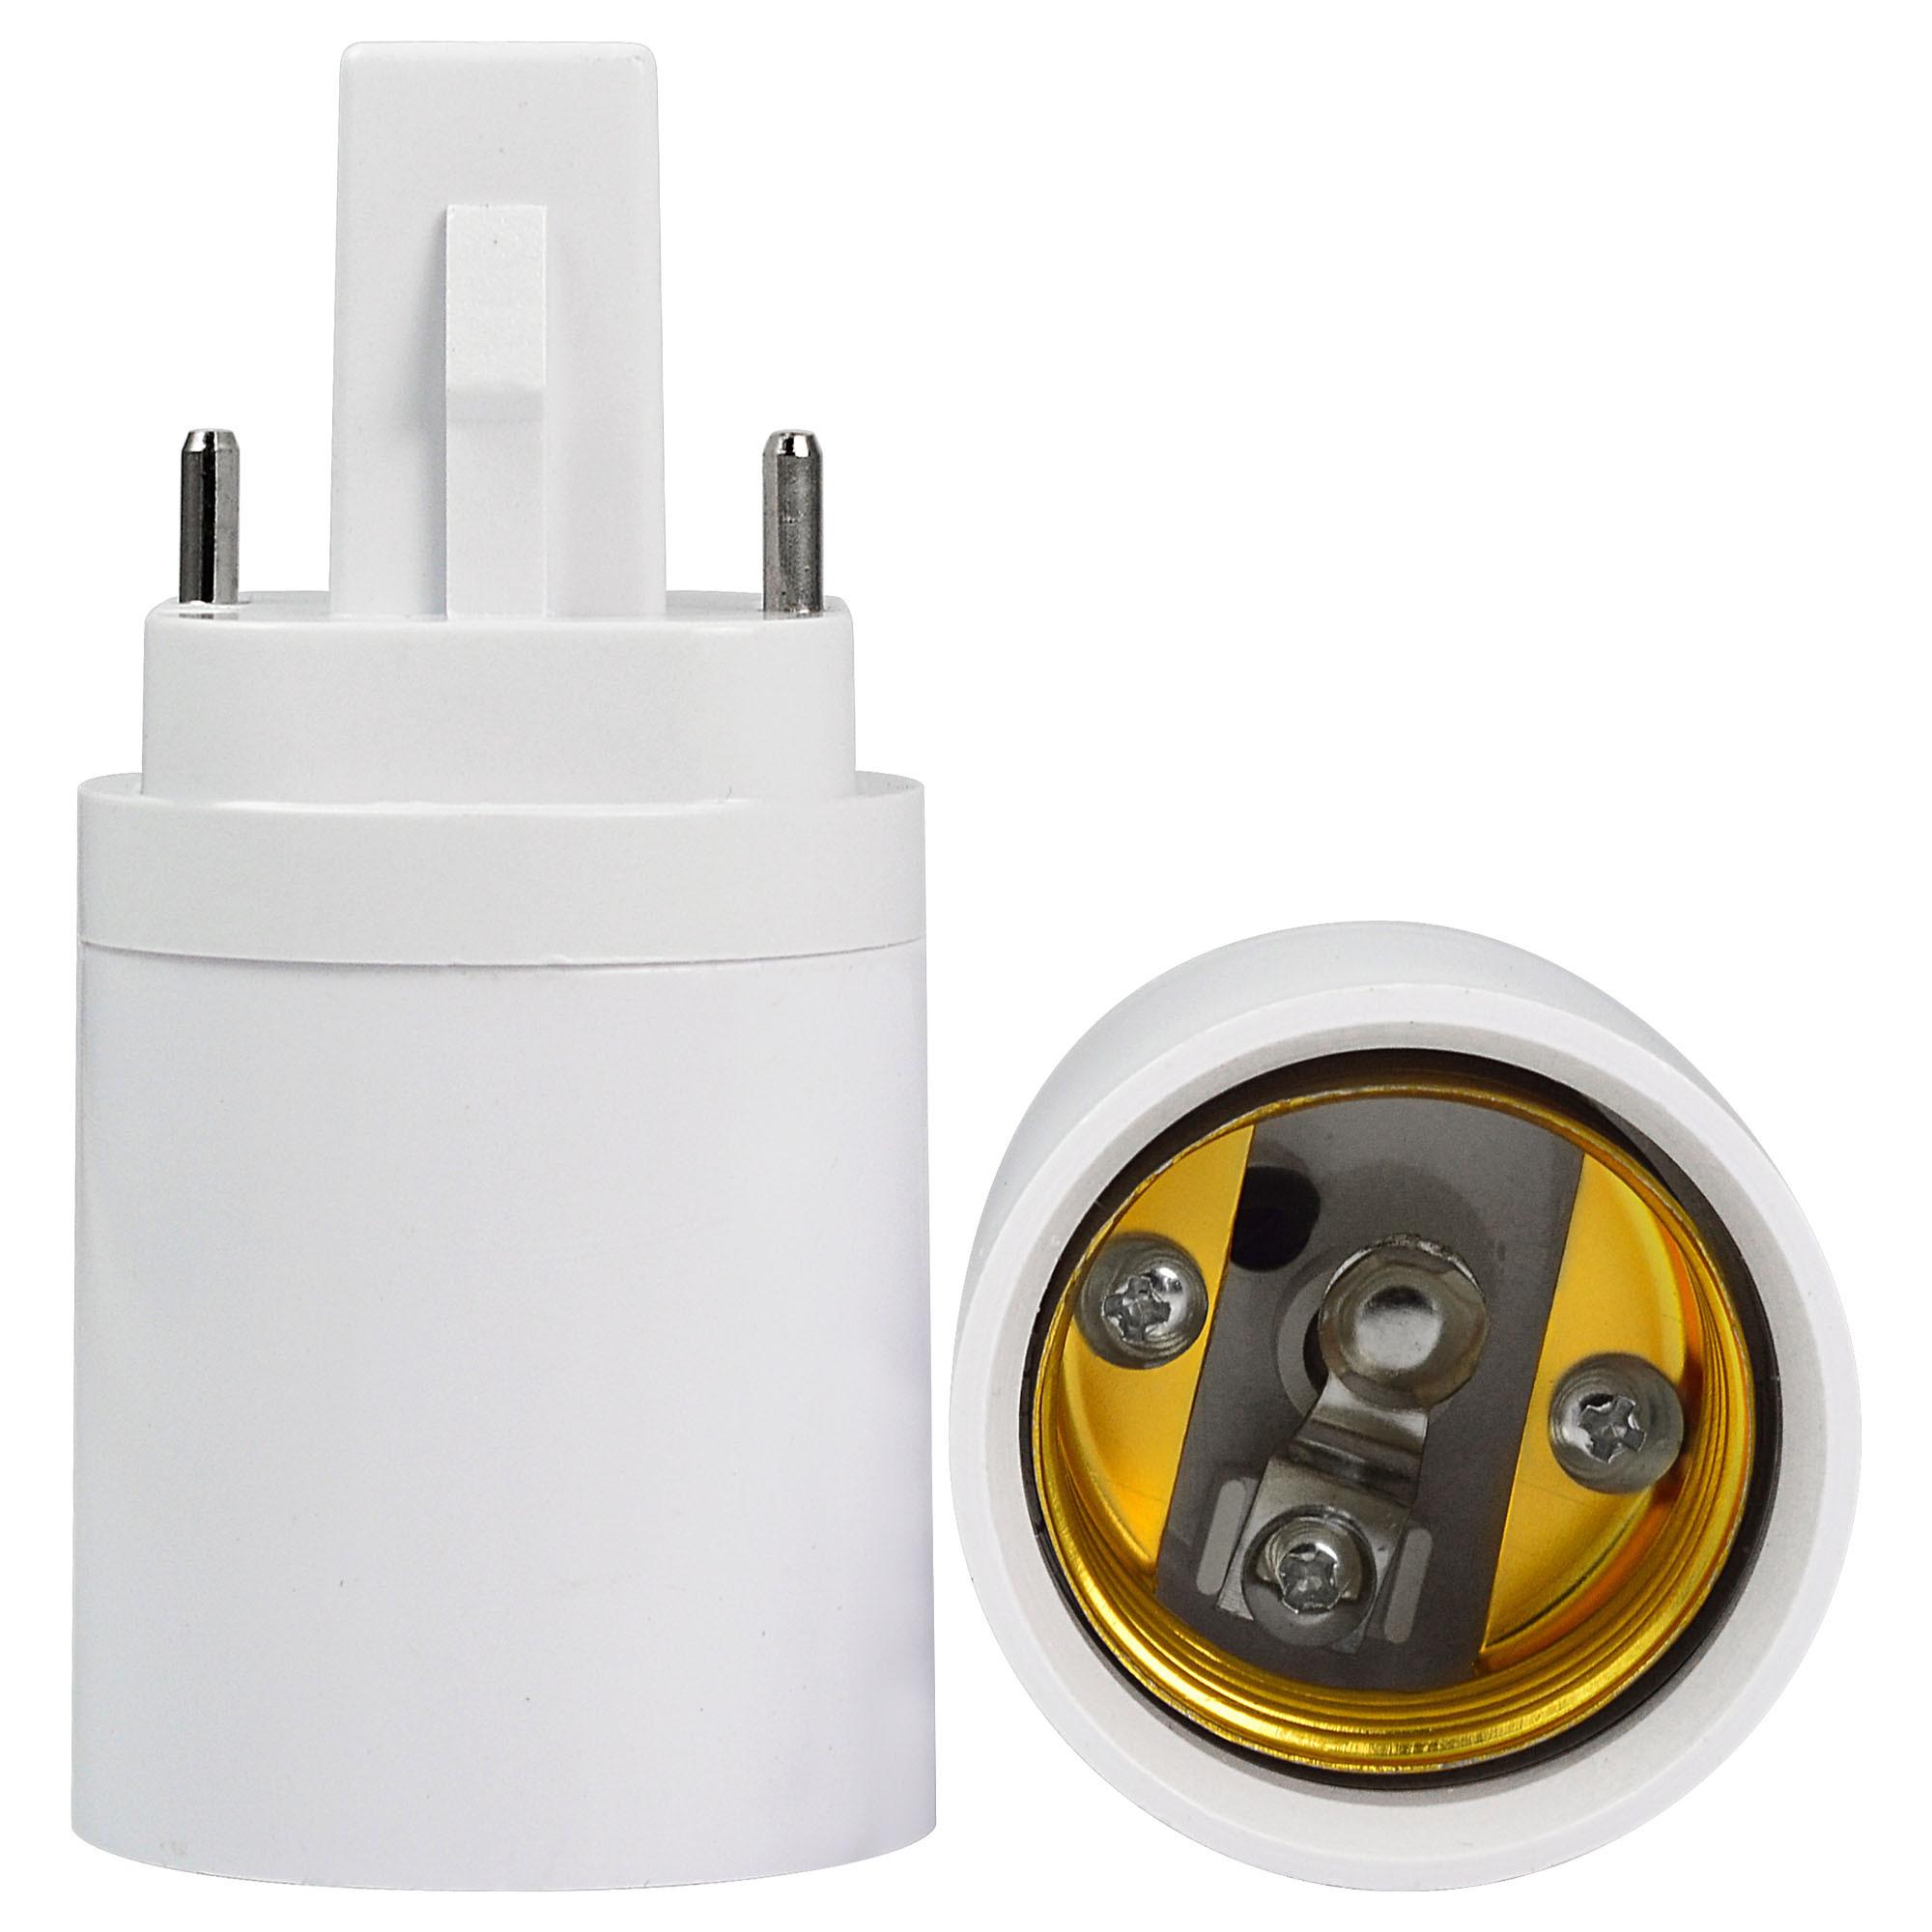 MENGS® High Quality Lamp Base Adapter G24 to E27 LED Light Bulb Socket Converter